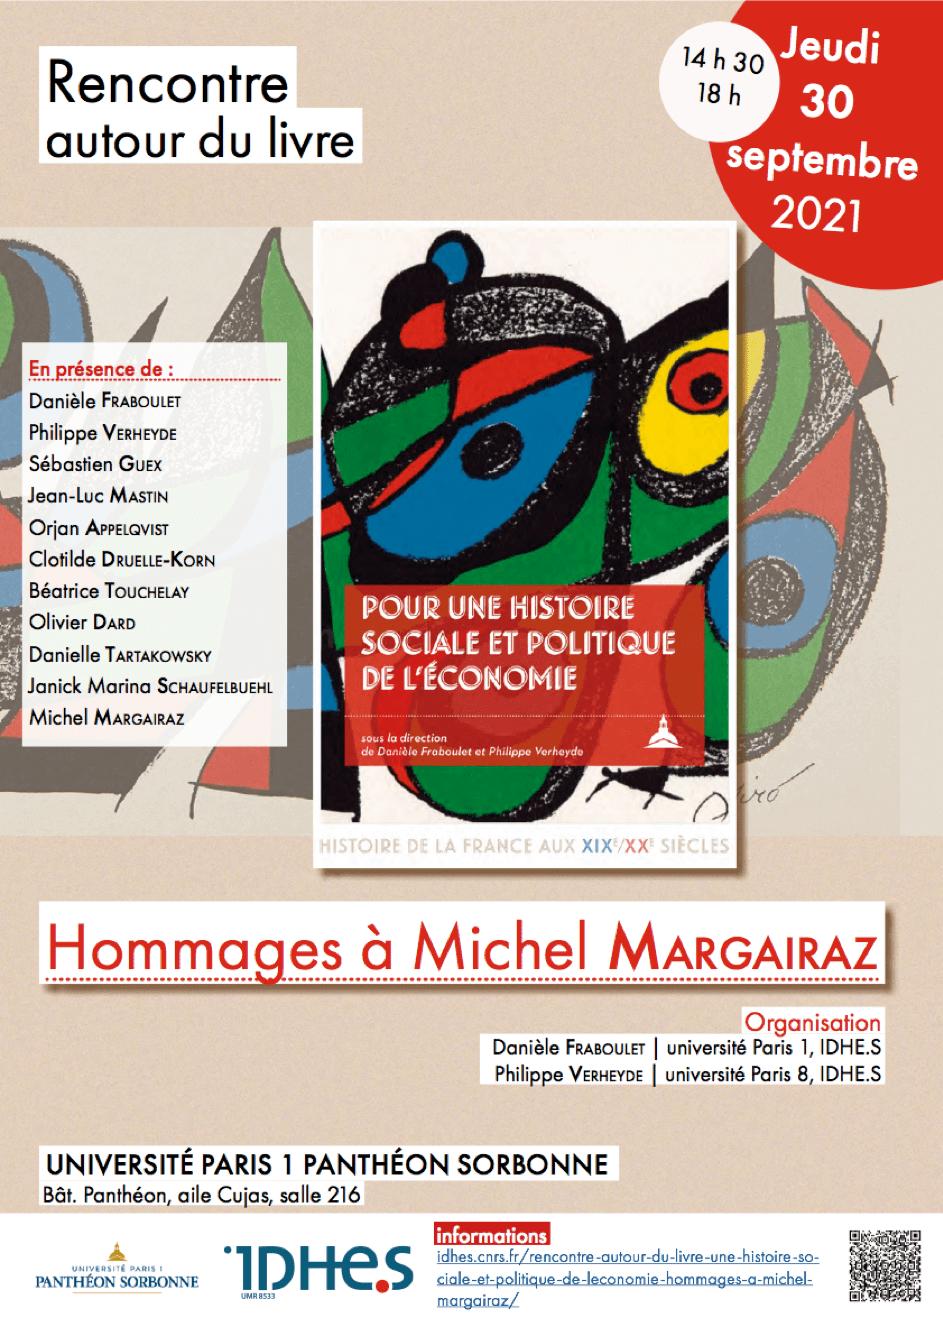 Pour une histoire sociale et politique de l'économie, Hommages à Michel Margairaz